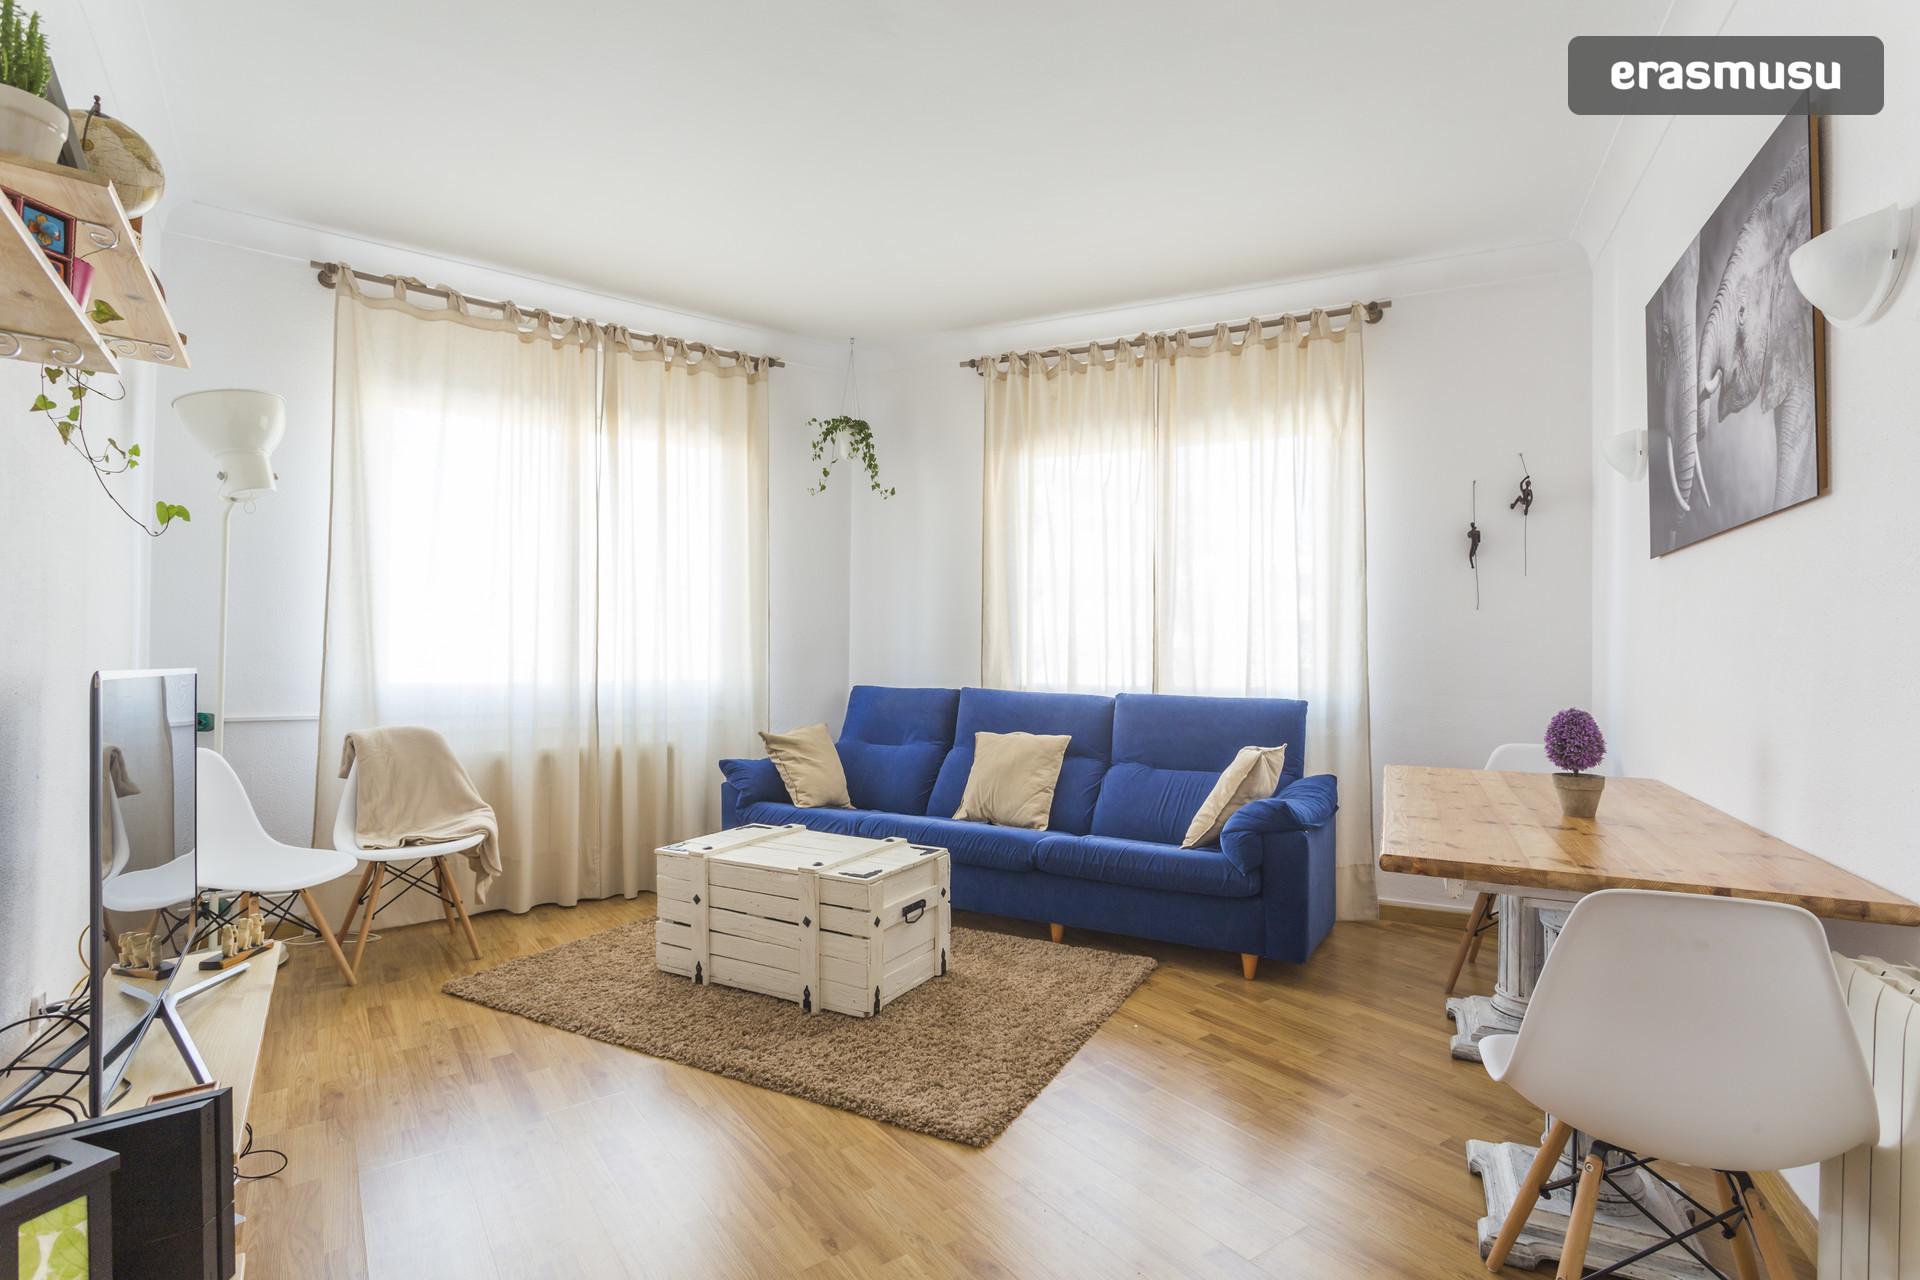 Habitaci n en piso amplio y soleado cerca de sagrada familia con negocios cerca alquiler - Piso alquiler sagrada familia ...